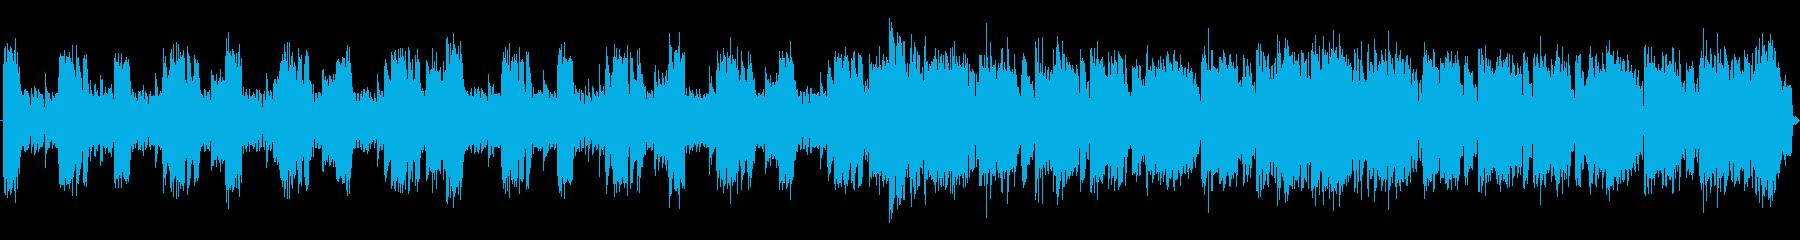 eSports サイバー ロック60秒版の再生済みの波形